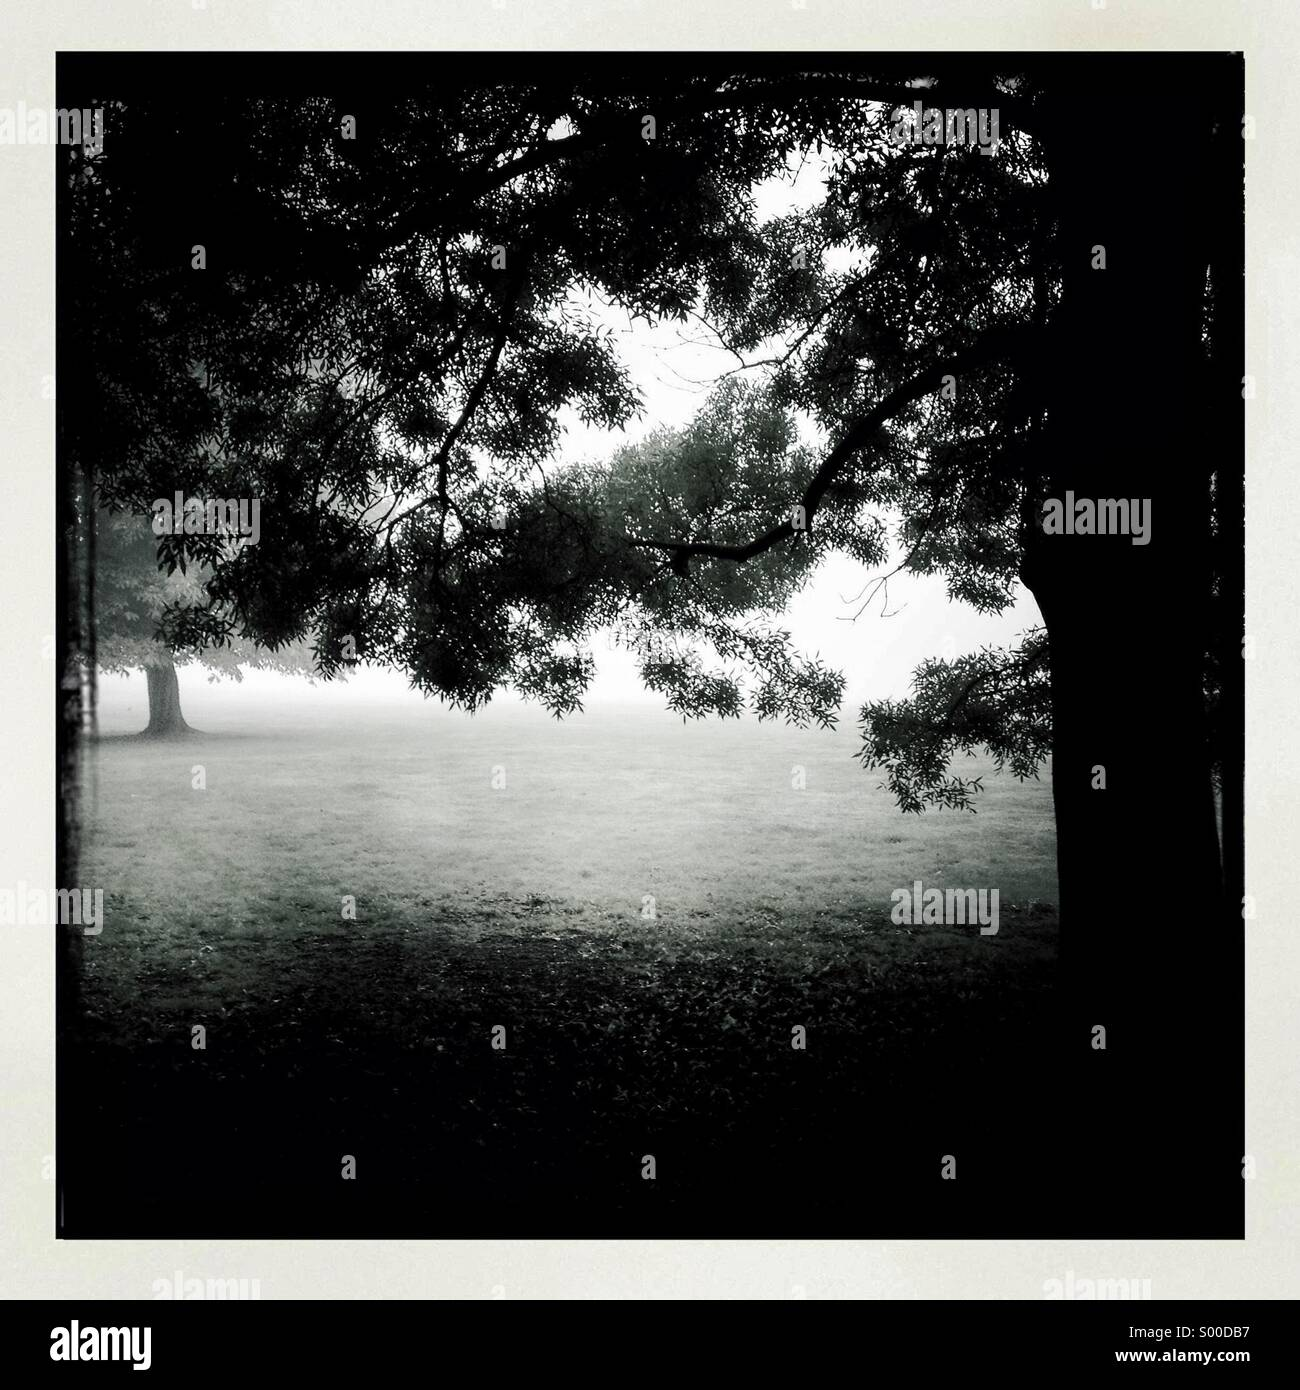 Fotografía en blanco y negro del viejo roble en campo. Formato cuadrado. Londres, Gran Bretaña. Foto de stock